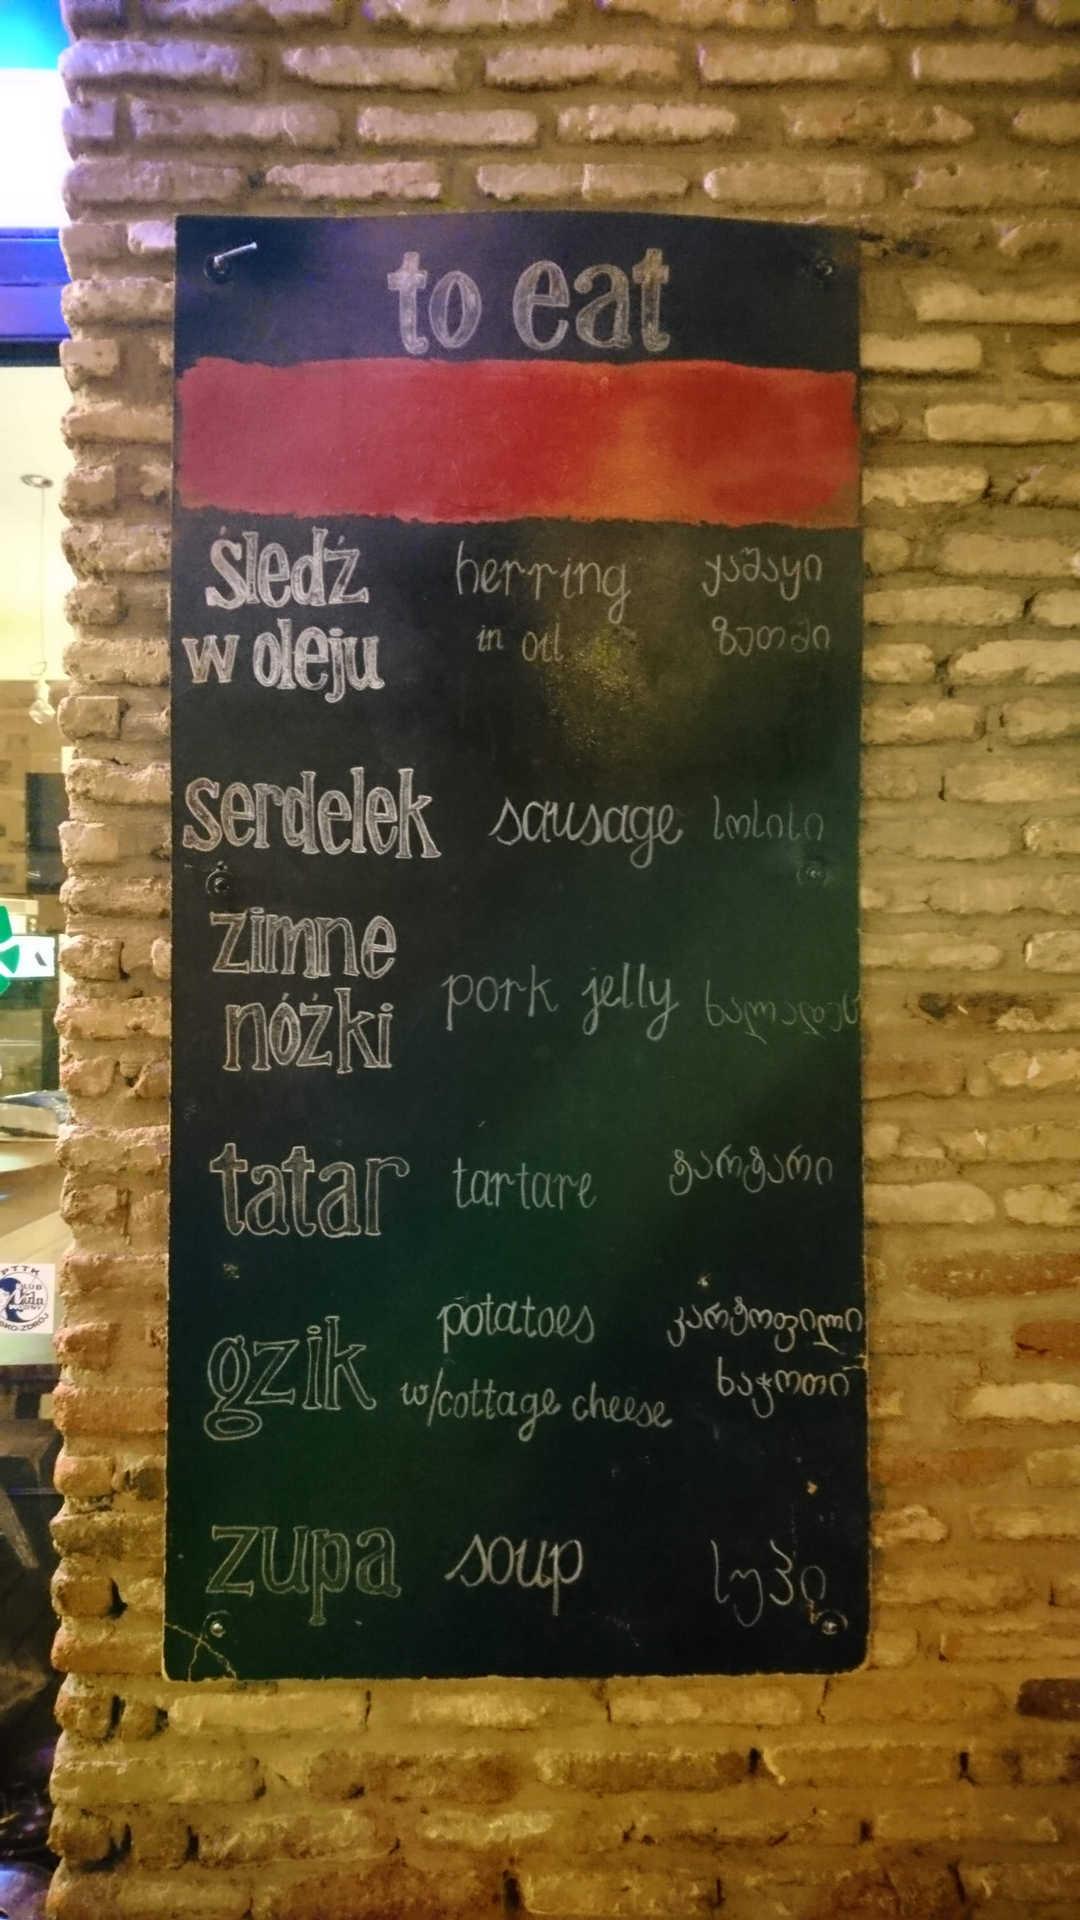 zwiedzanie Tbilisi - bar warszawa tablica jedzenia